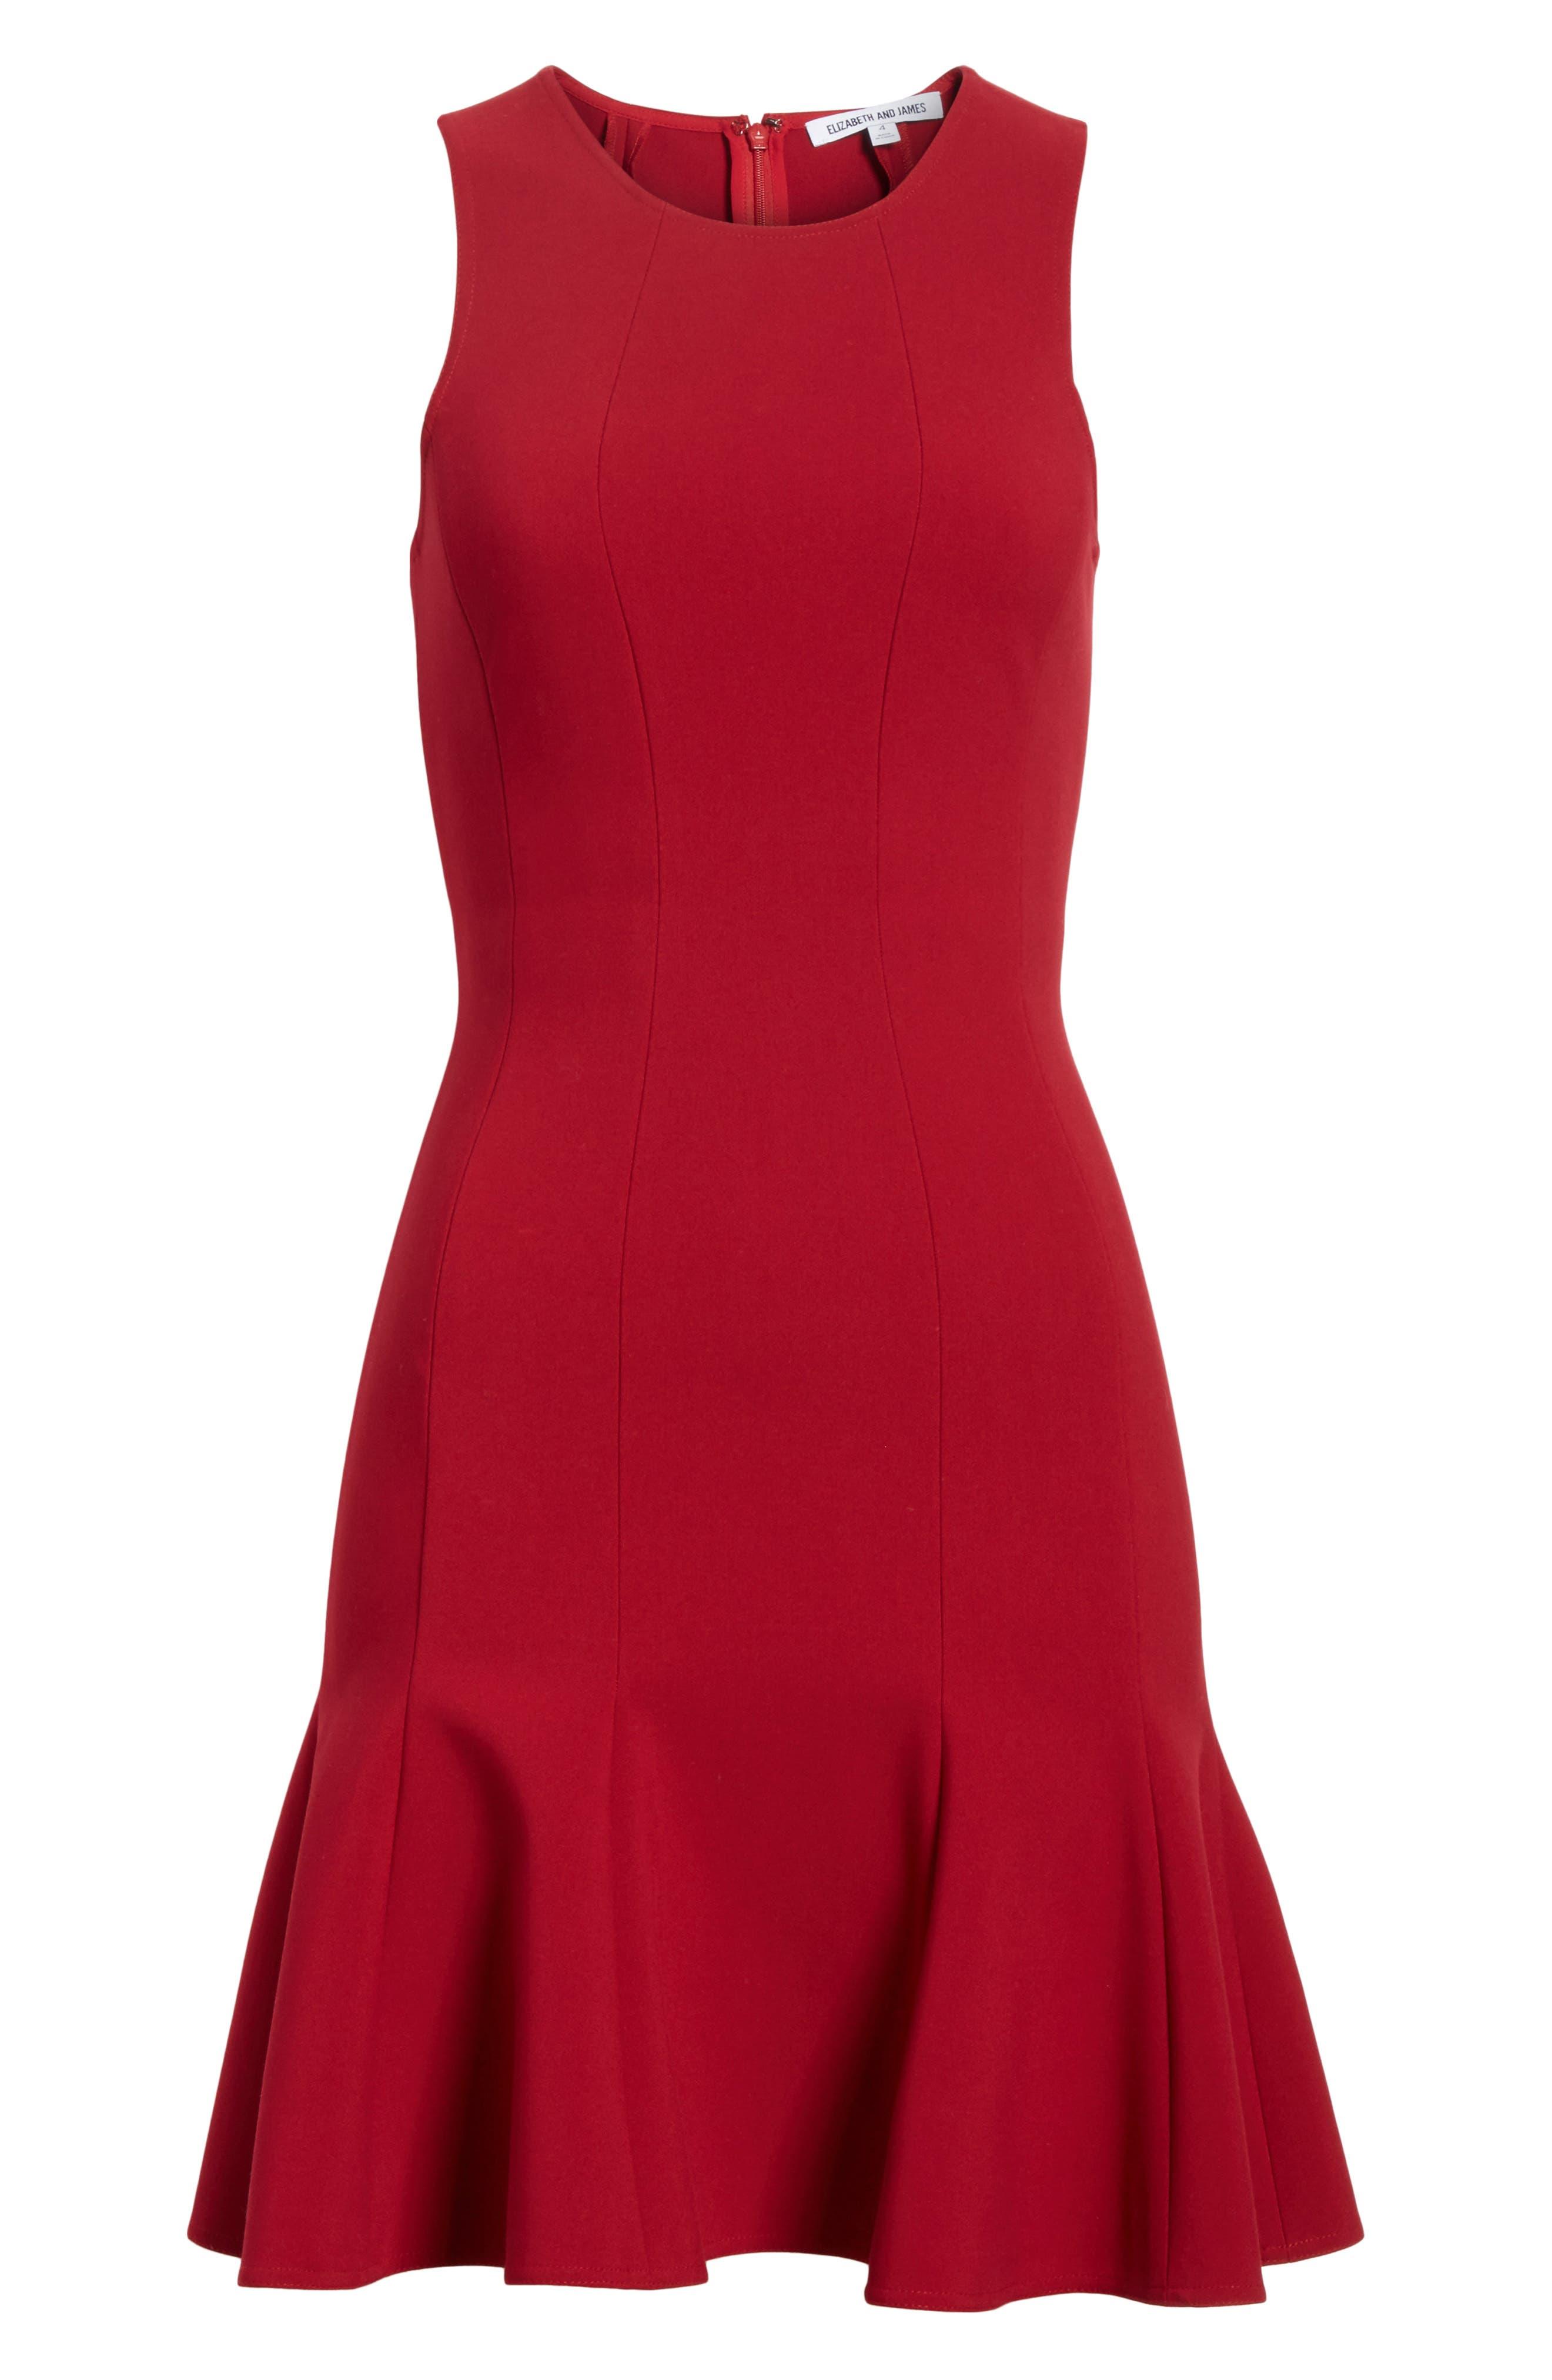 Rooney Flare Hem Dress,                             Alternate thumbnail 6, color,                             Ruby